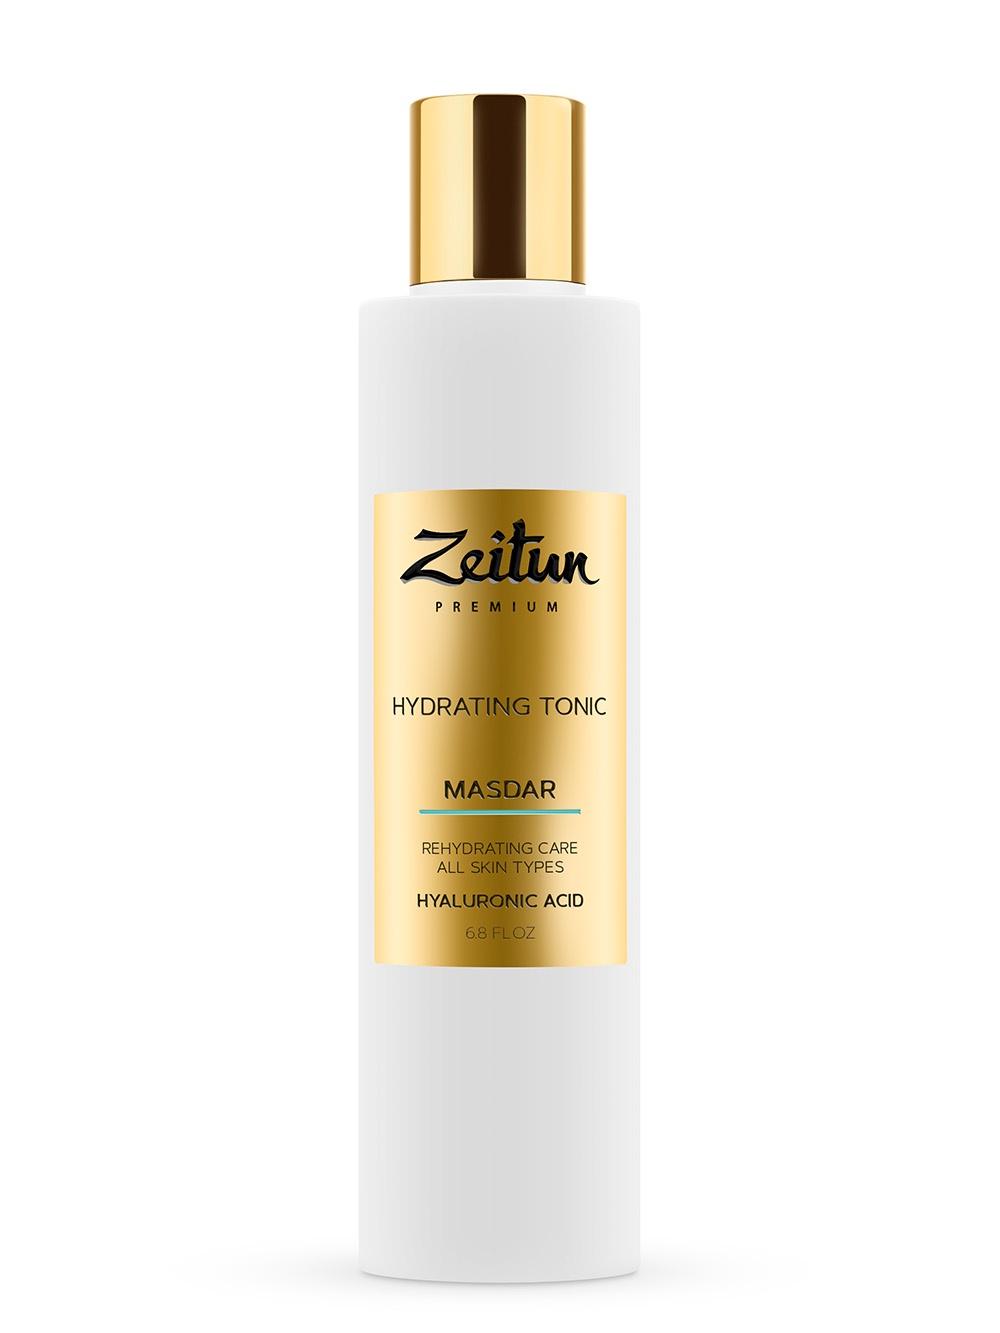 Увлажняющий тоник Masdar с гиалуроновой кислотой для всех типов кожи